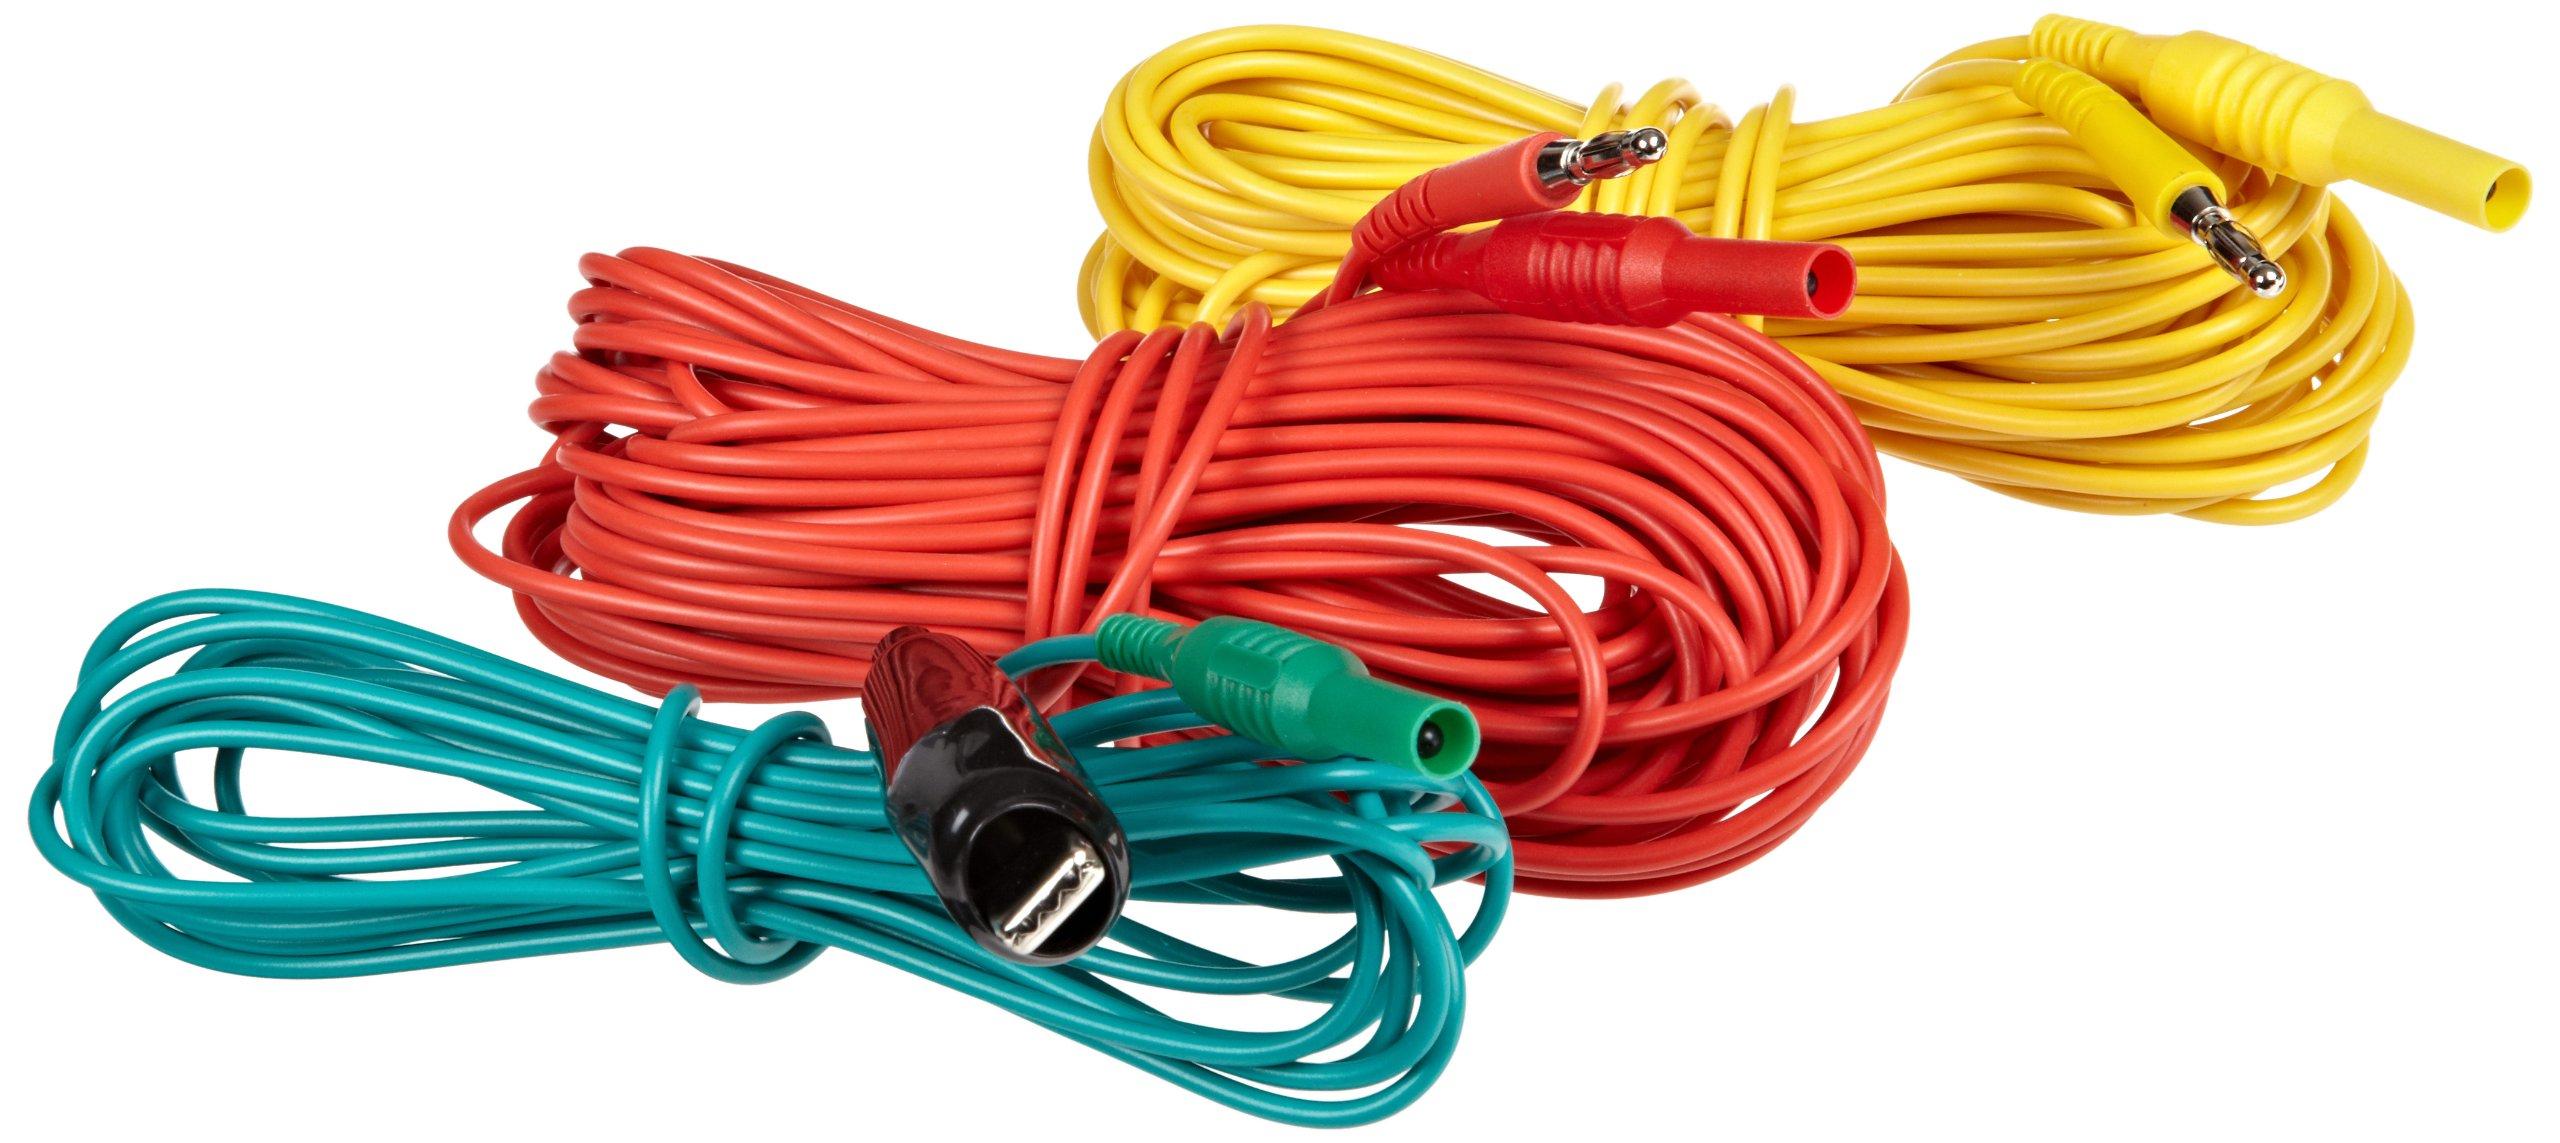 Megger 1000-525 Earth Test Cable Set for DET3T Digital Ground Resistance Tester by Megger (Image #1)